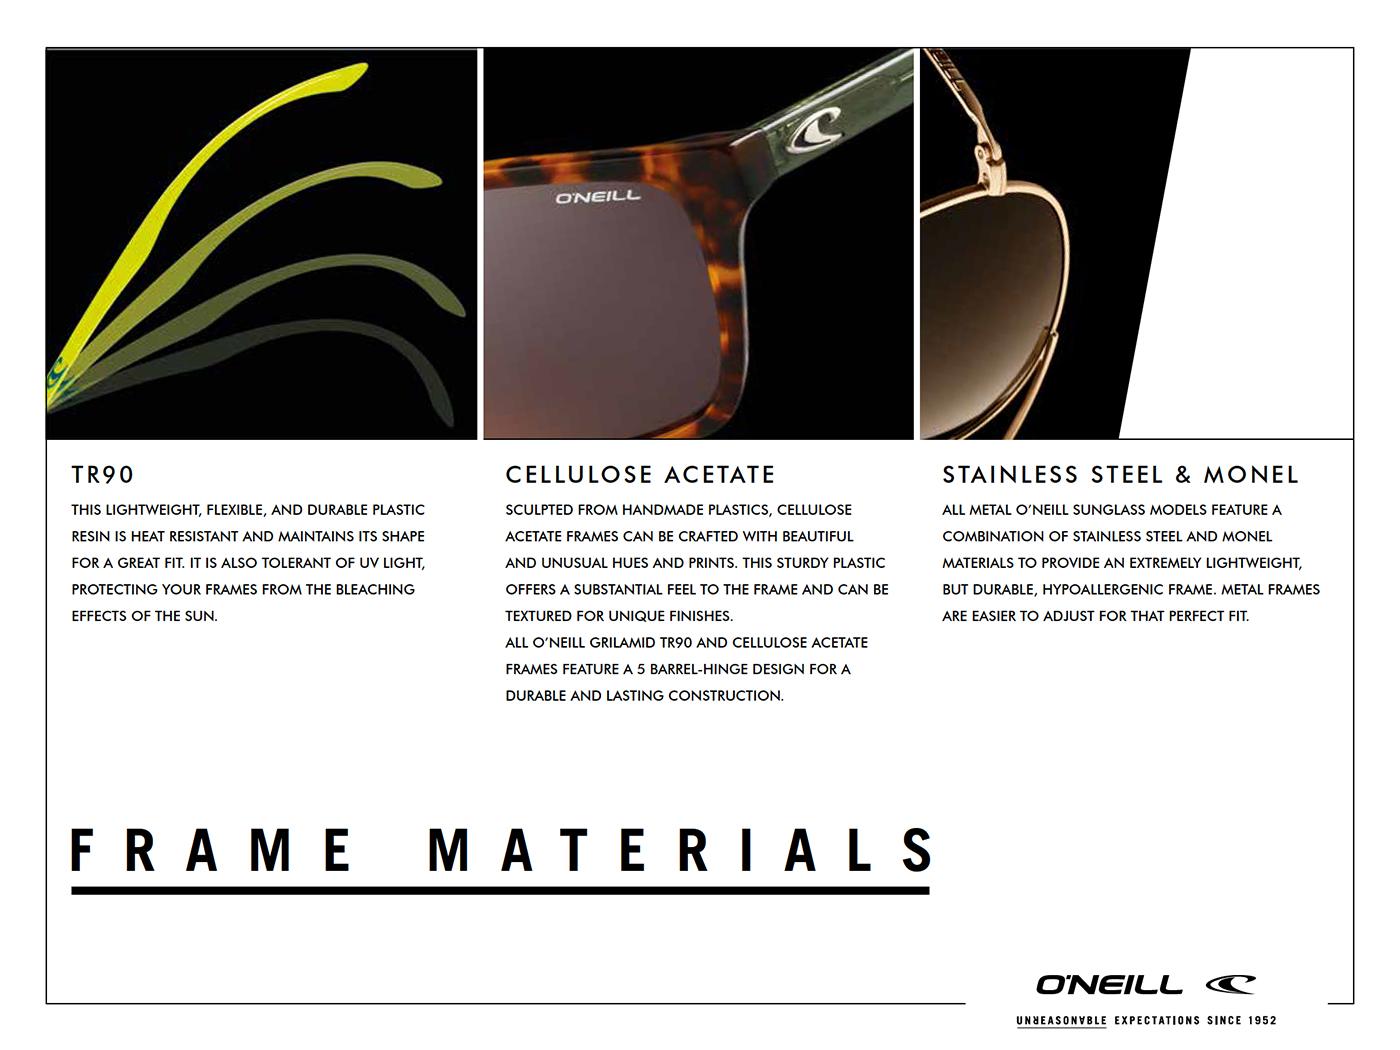 O'Neill Sunglasses FRAME MATERIALS